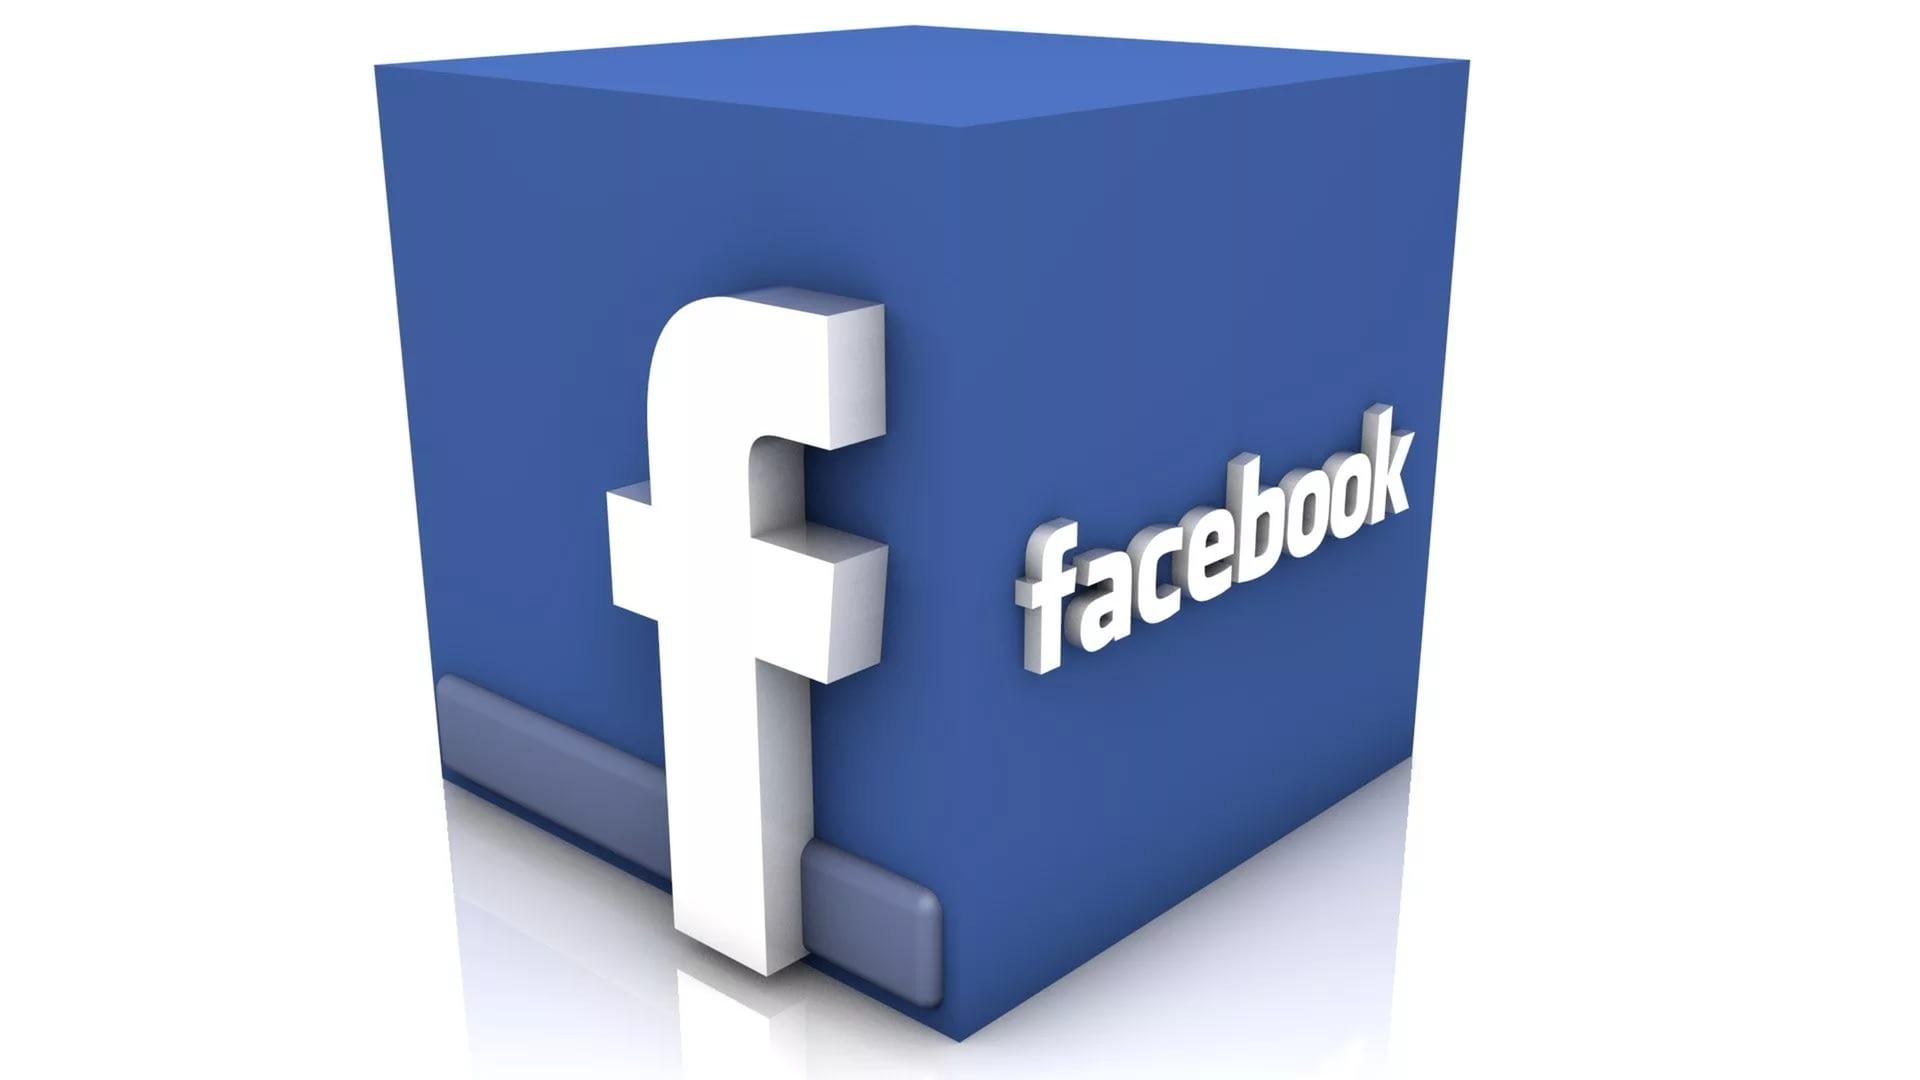 Фейсбук готовы платить по $500 тыс. завидеоролики